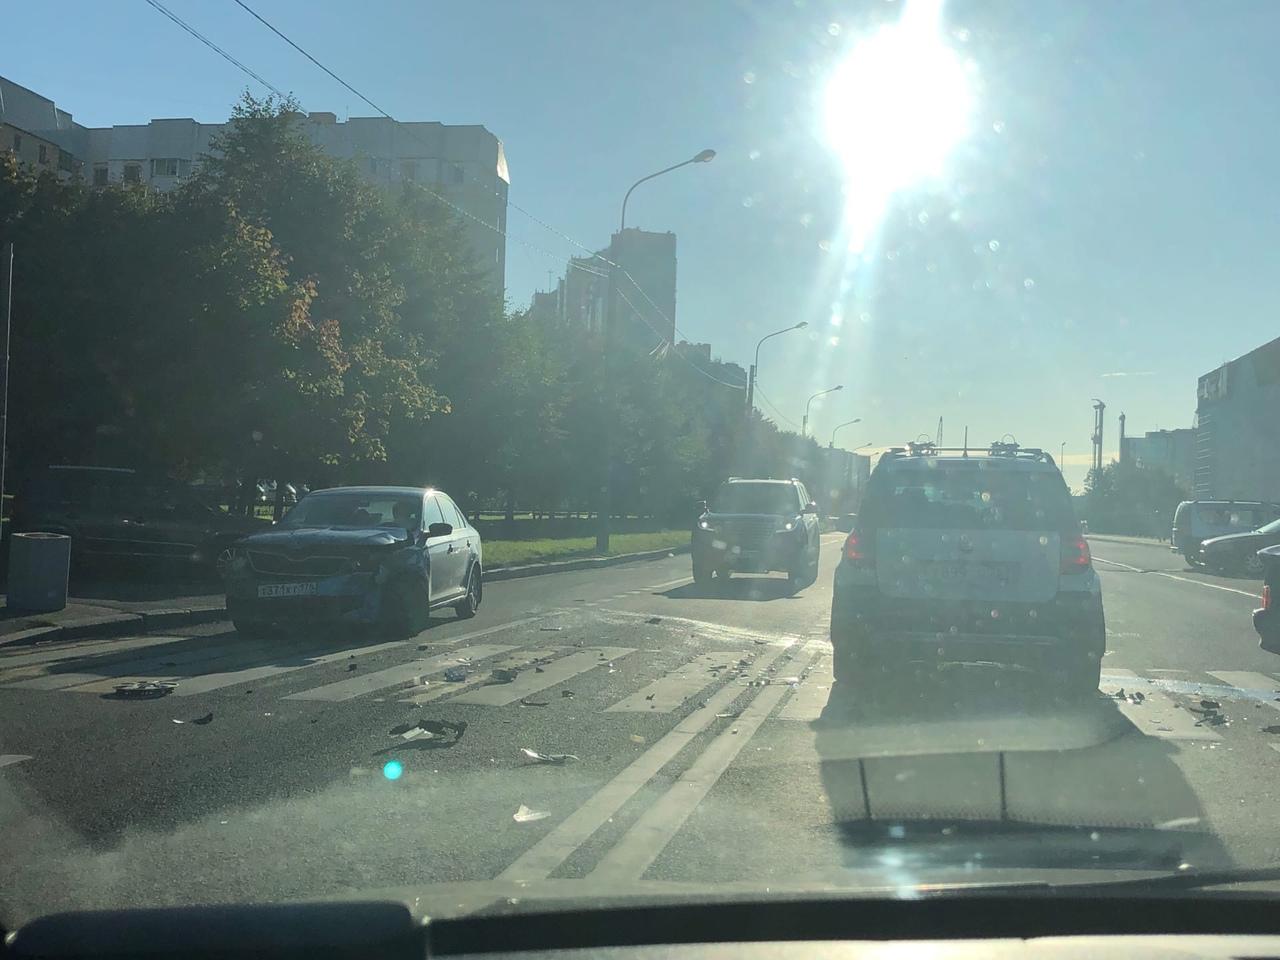 Skoda и Лада столкнулись на Приморском проспекте. Паренёк из отечественного автомобиля хромает. Жмых...